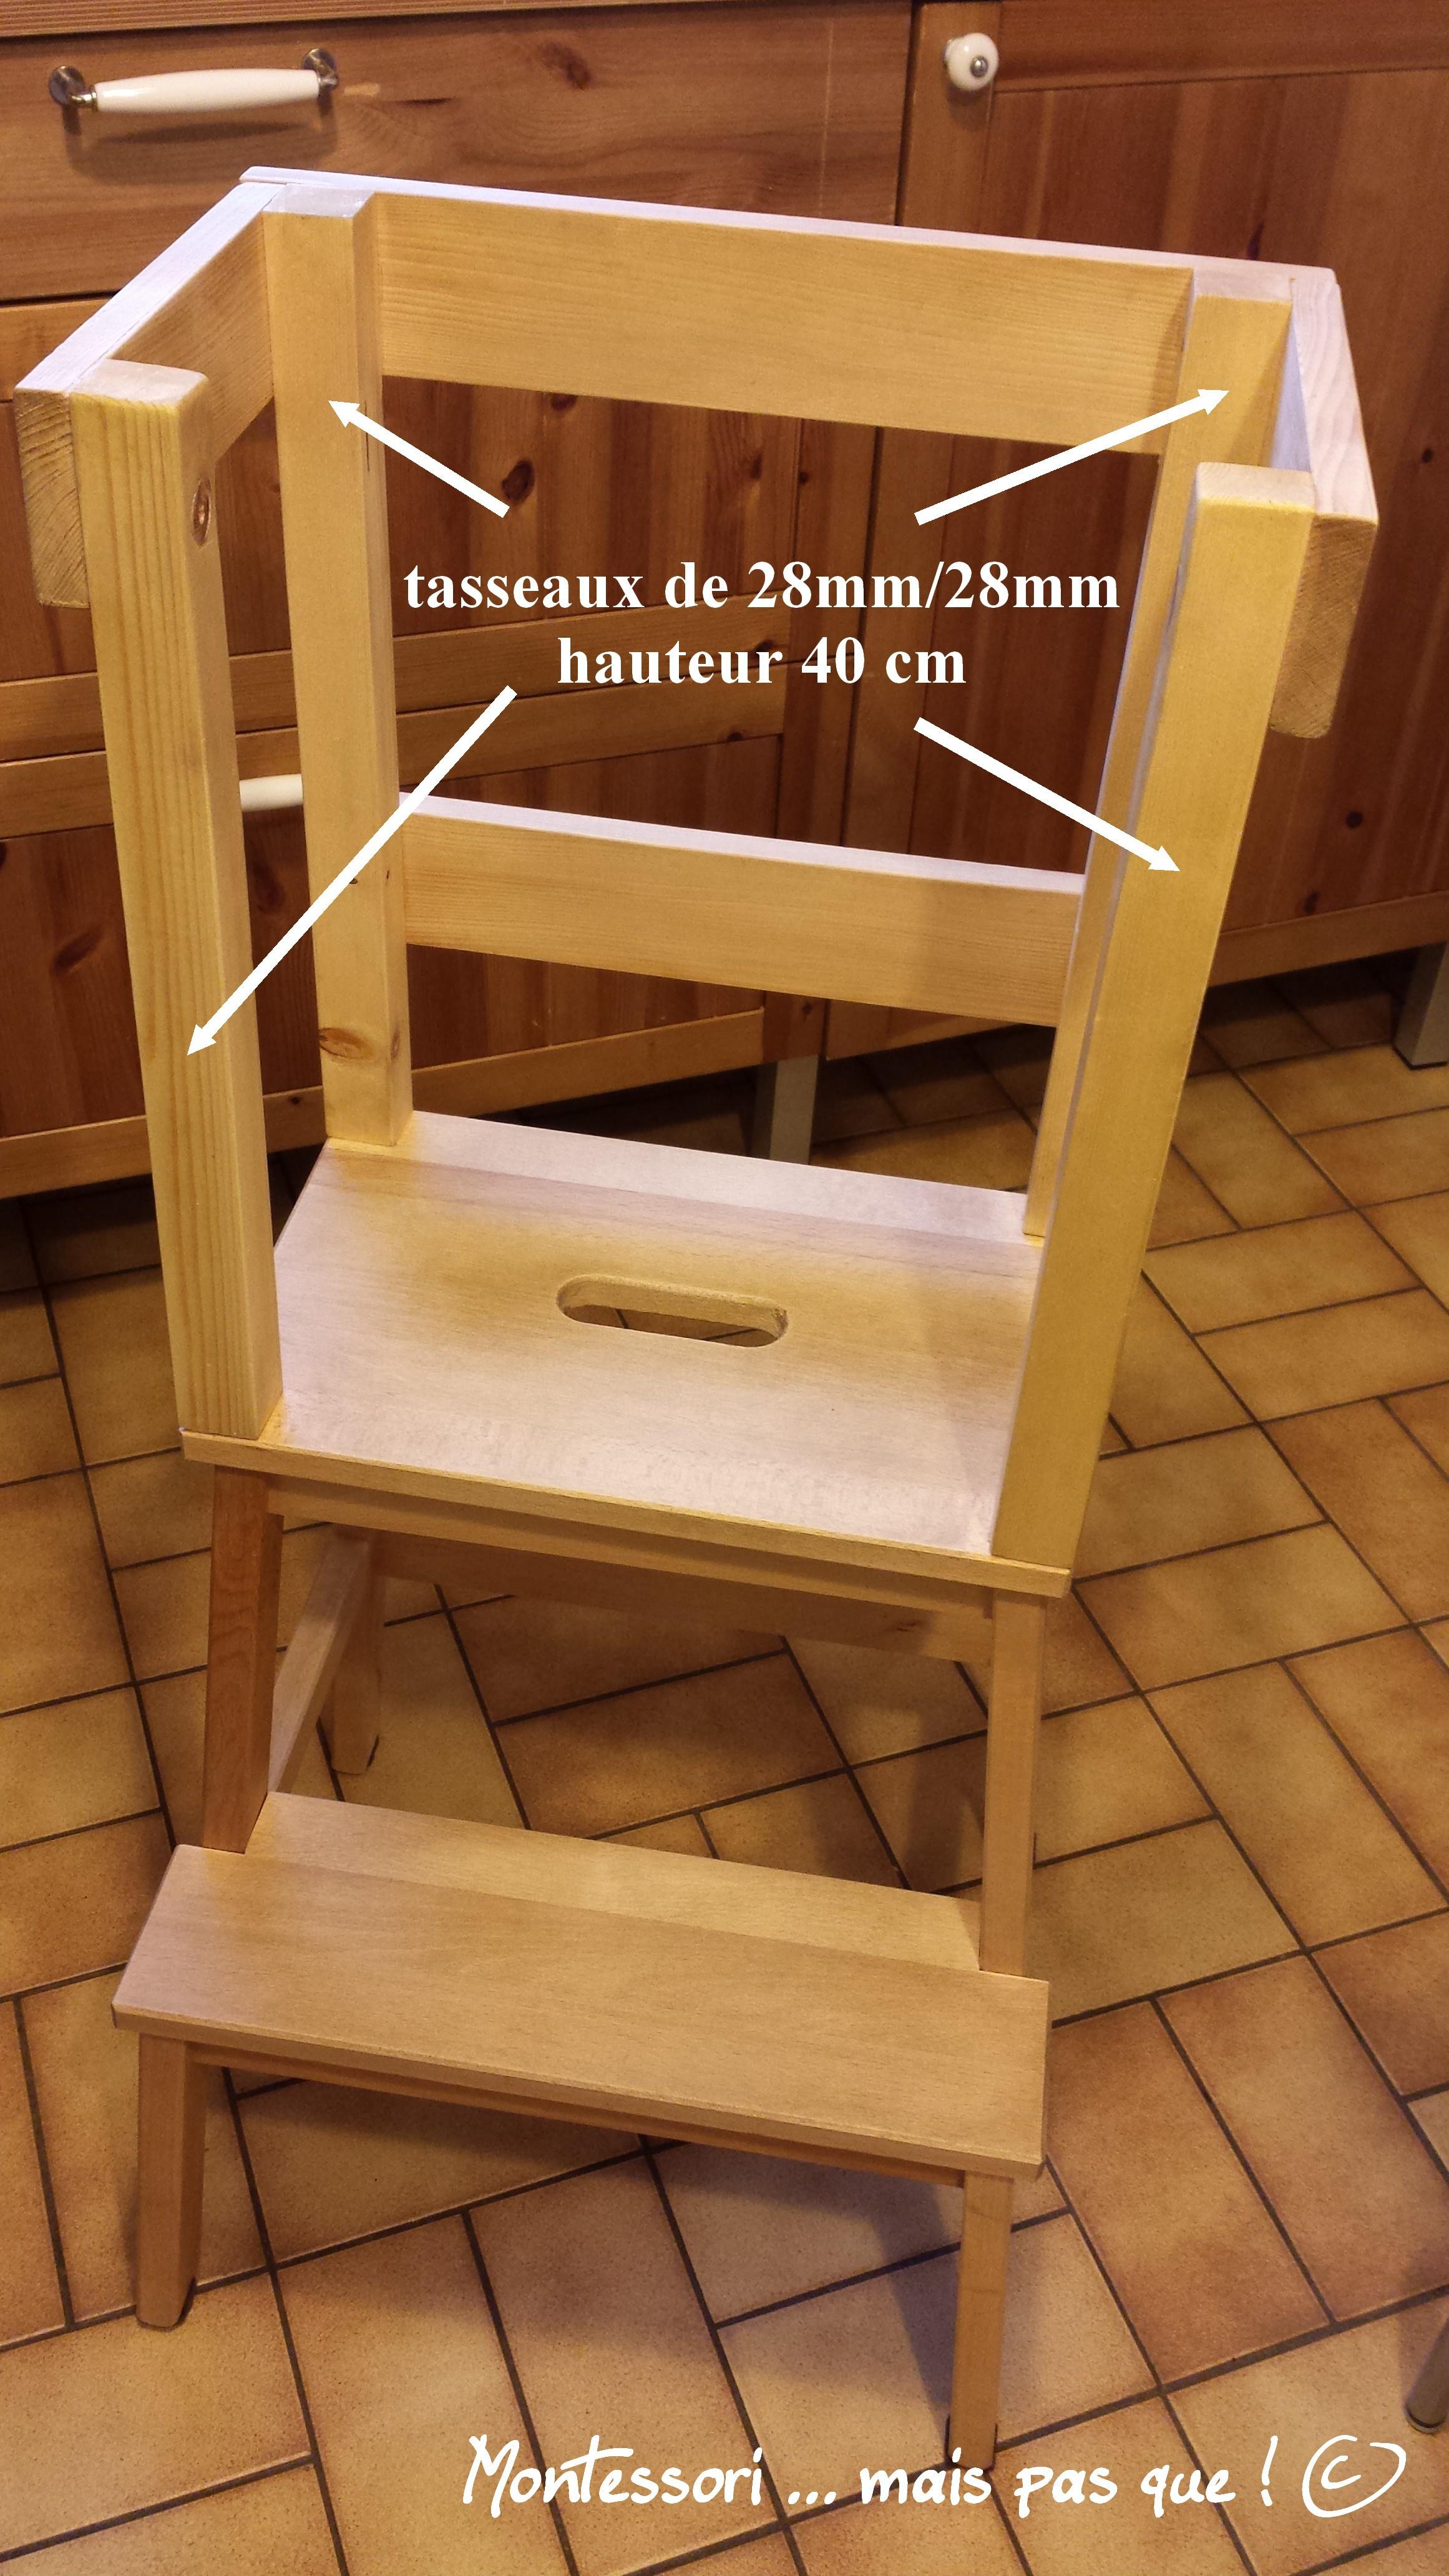 Tour 1 montessori mais pas que - Fabriquer une cuisine en bois pour enfant ...